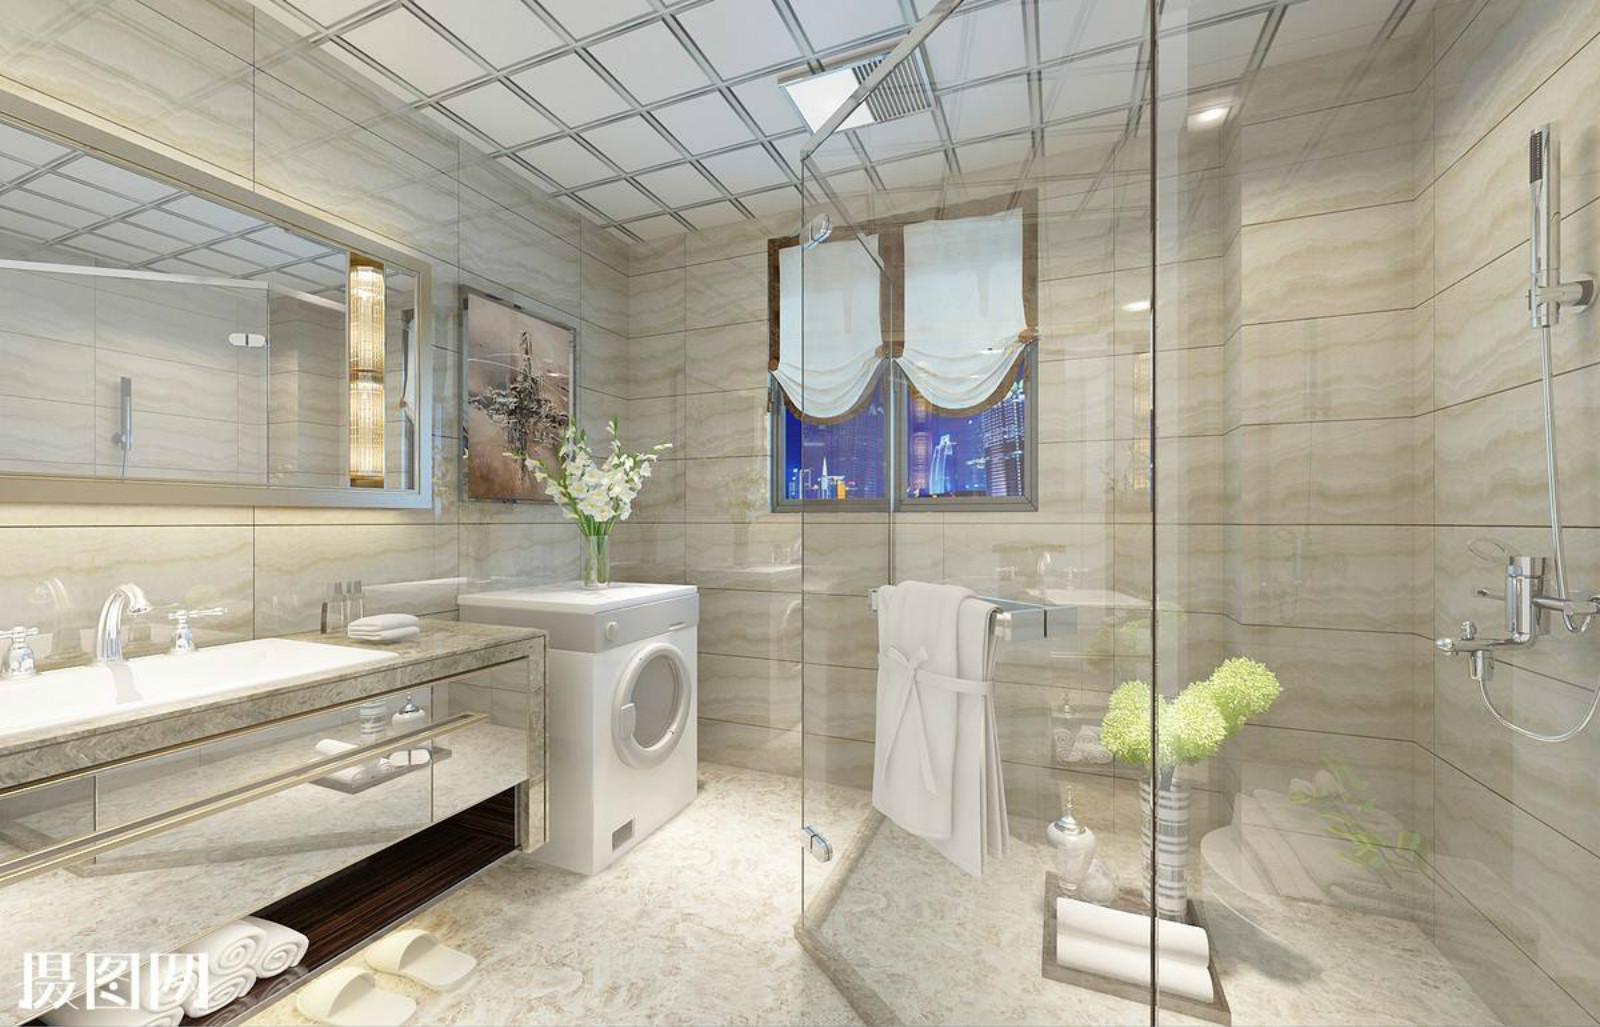 卫生间墙上壁镜的设计,同样很好的延伸了整个空间